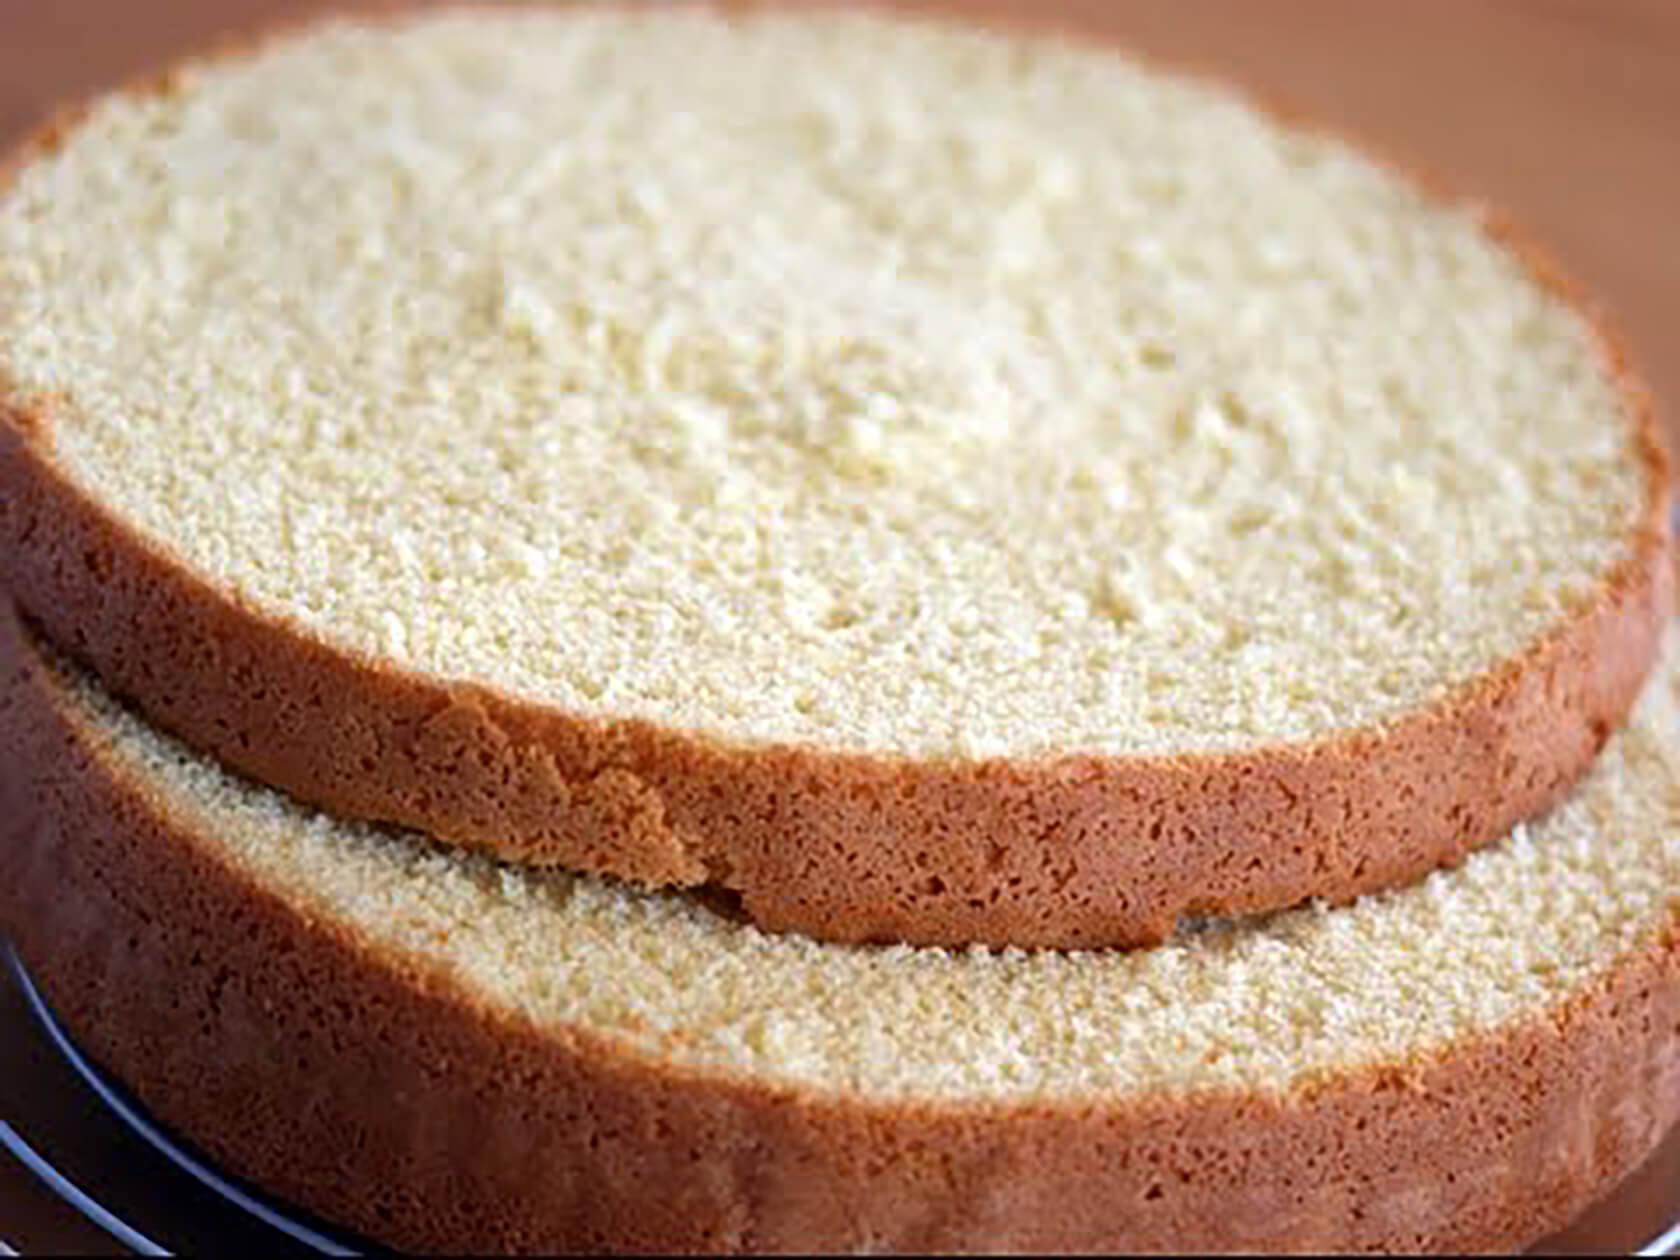 где икеа ванильный бисквит для торта рецепт с фото того, как